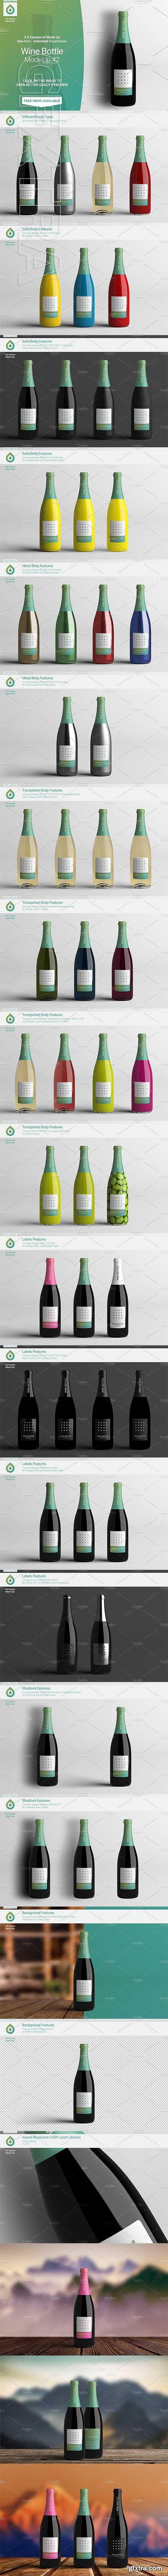 CM - Wine Bottle Mock-Up 2 (V3.0) 2633938